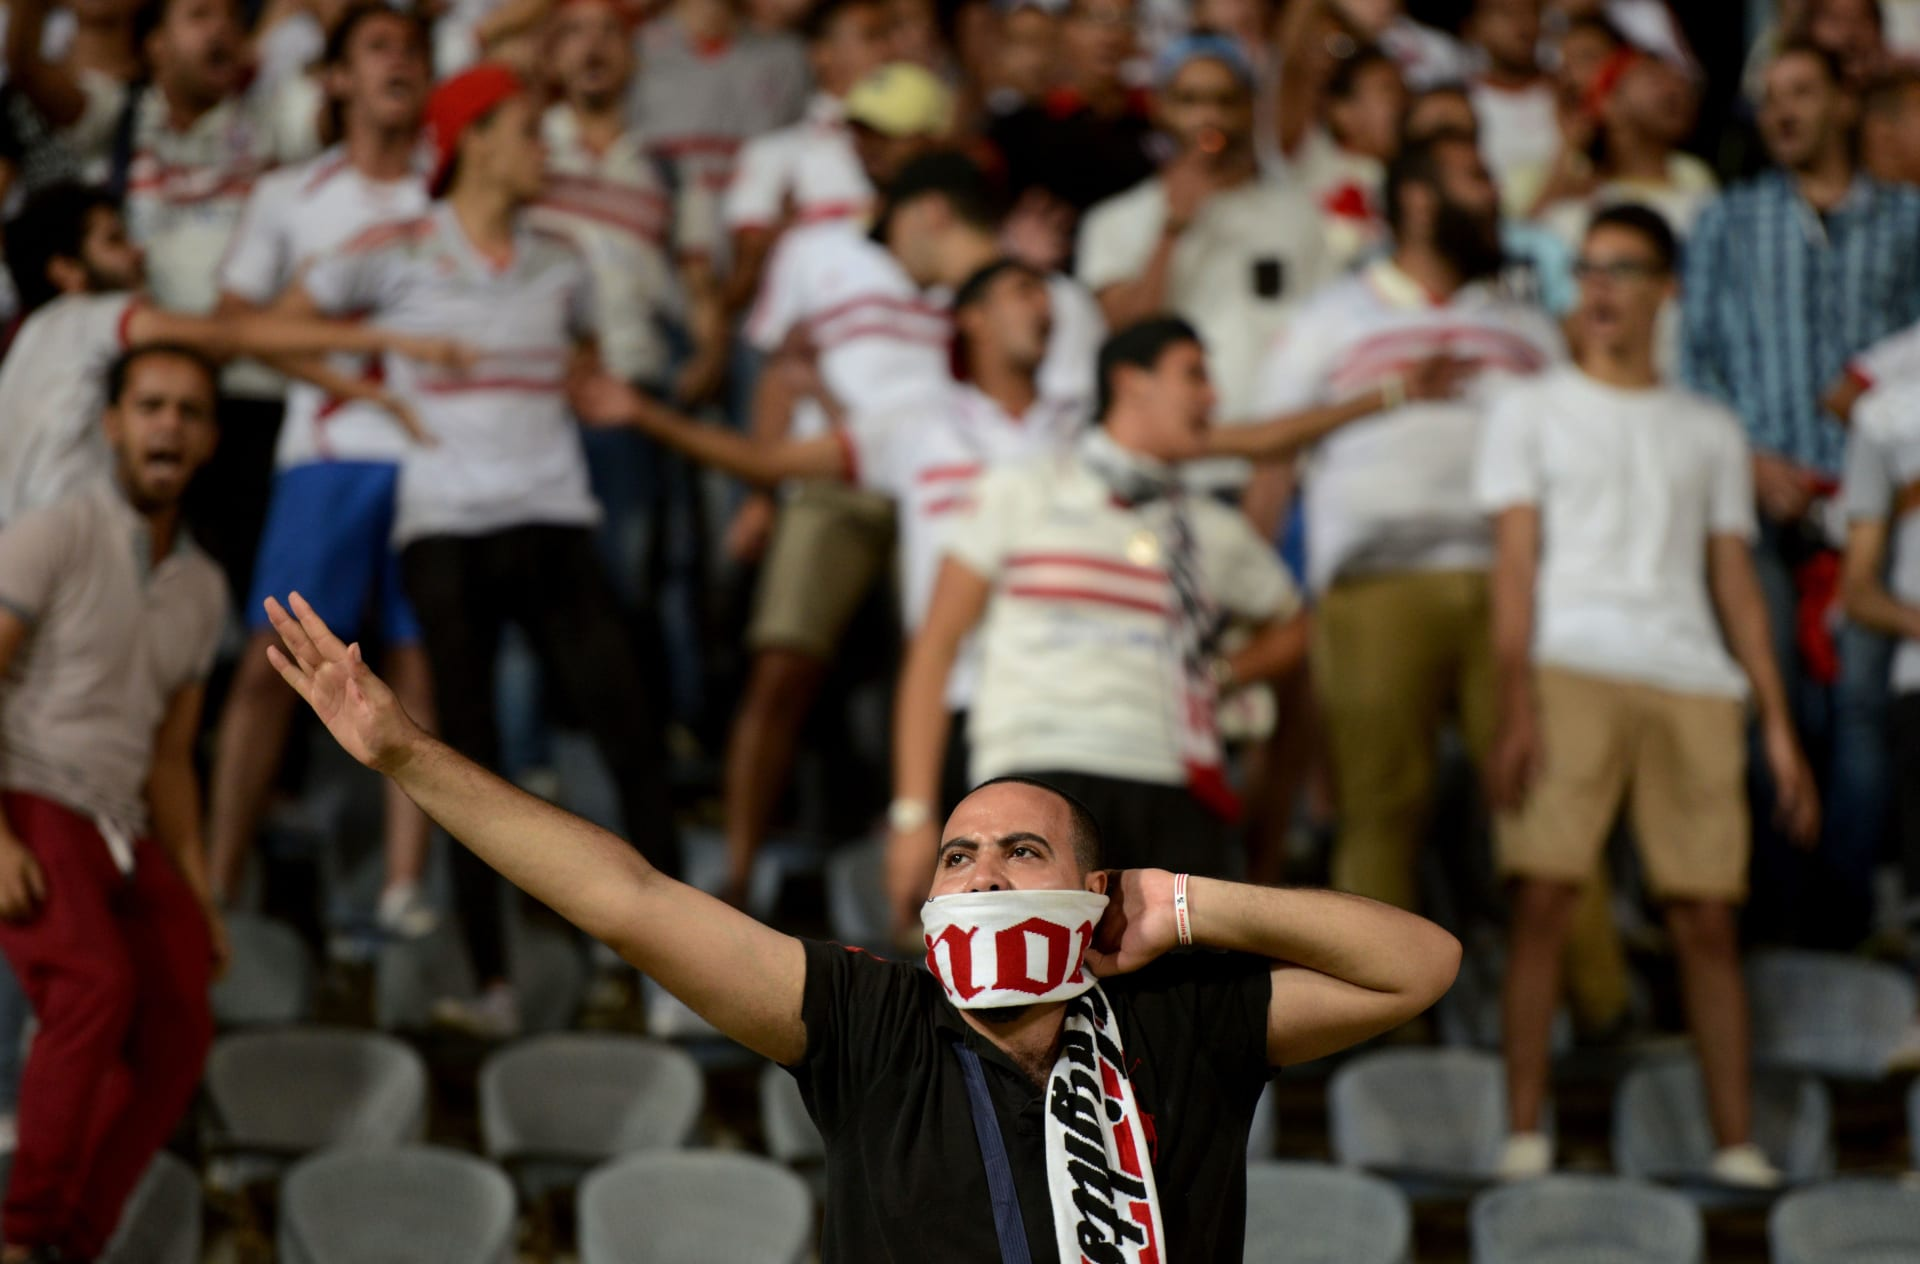 مدرب فريق مصري بعد الفوز على الزمالك: لا يوجد سحر في ملعبنا